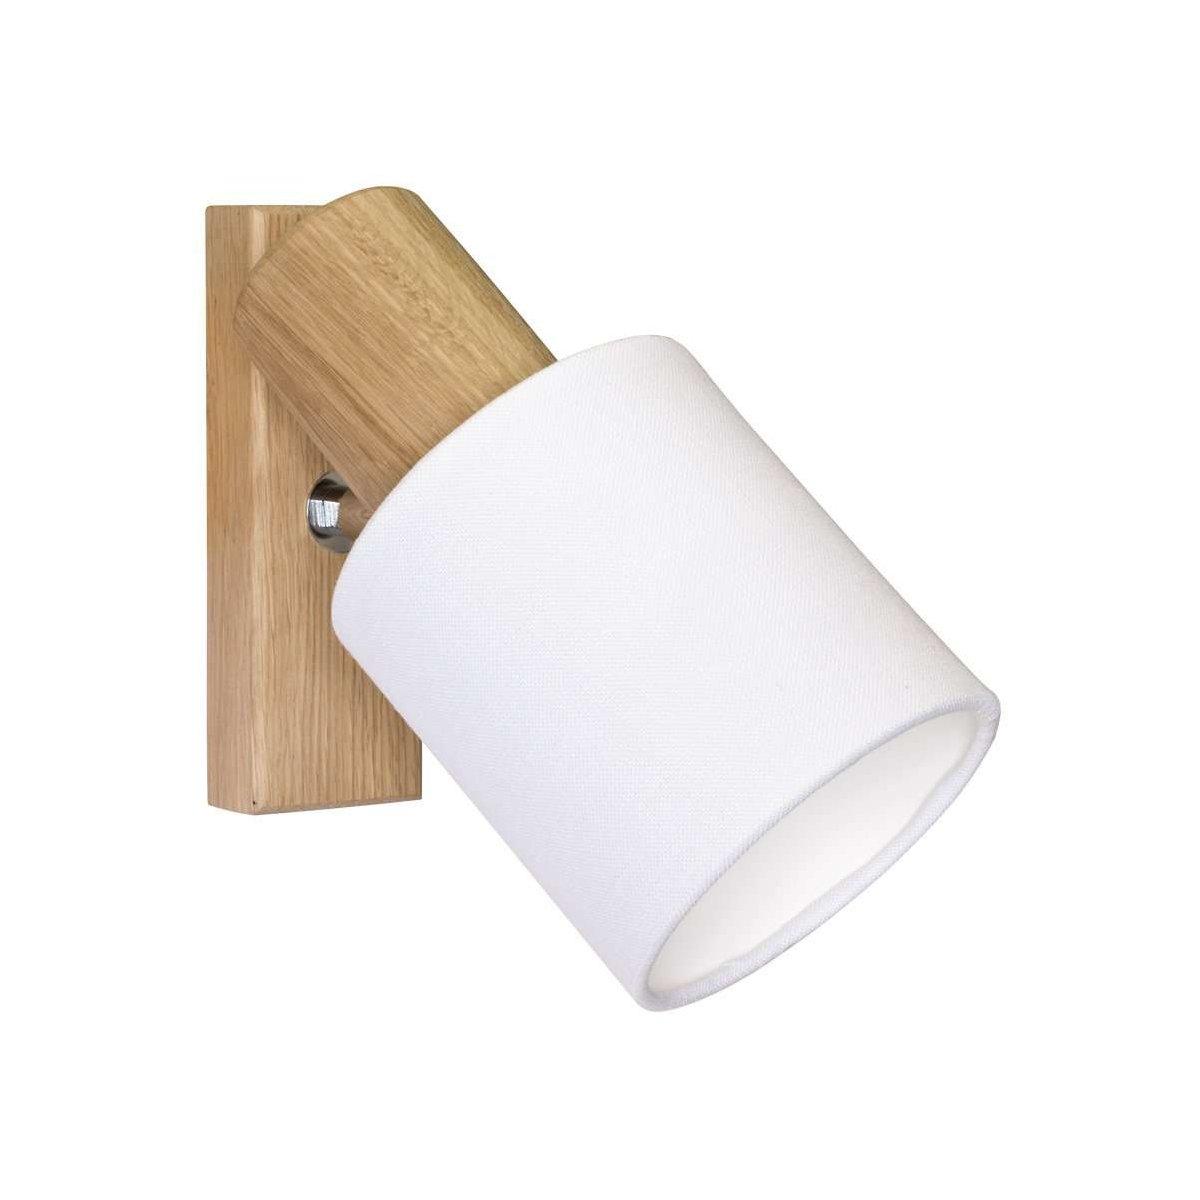 Deckenleuchte Schiene vierflammig Holz Eiche Textilschirm Fassung E27 Spotlight